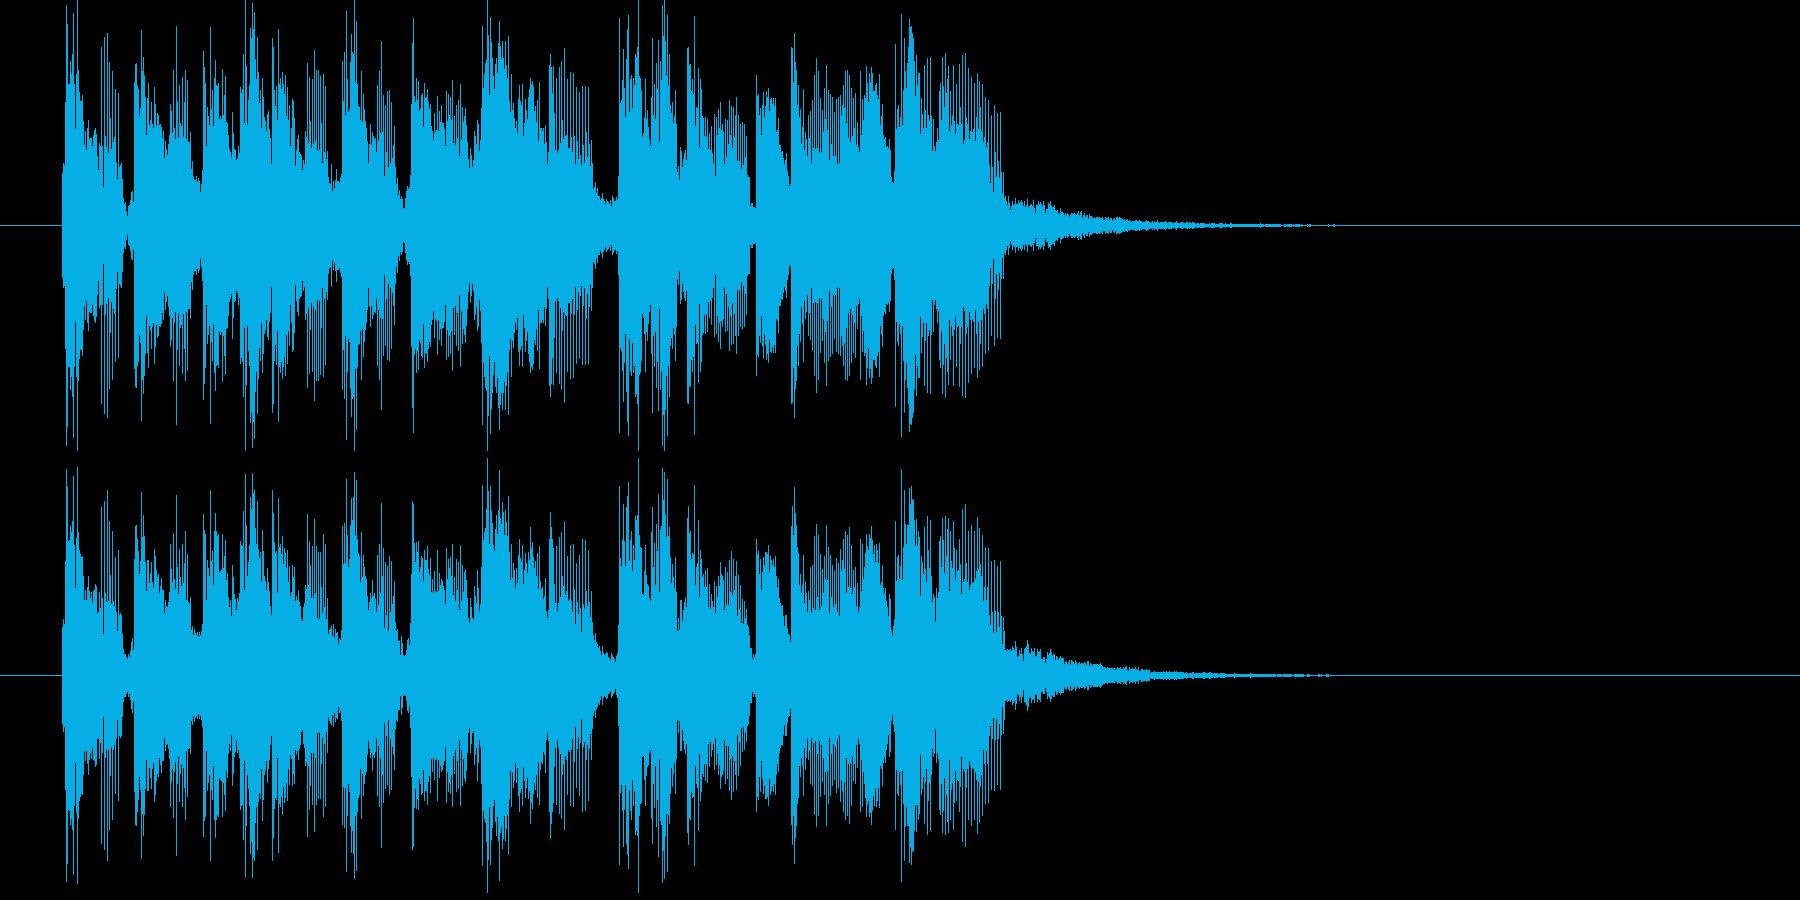 元気で可愛い電子音のジングルの再生済みの波形